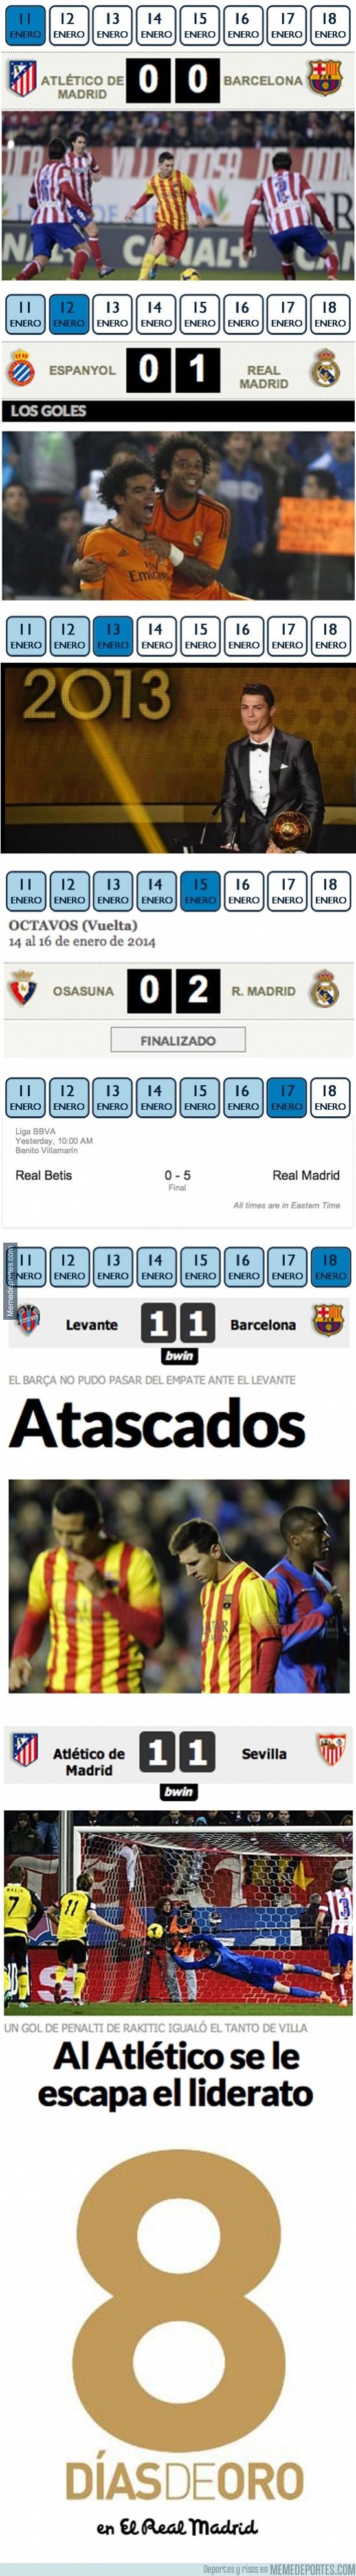 250646 - 8 Días de Oro en el Real Madrid